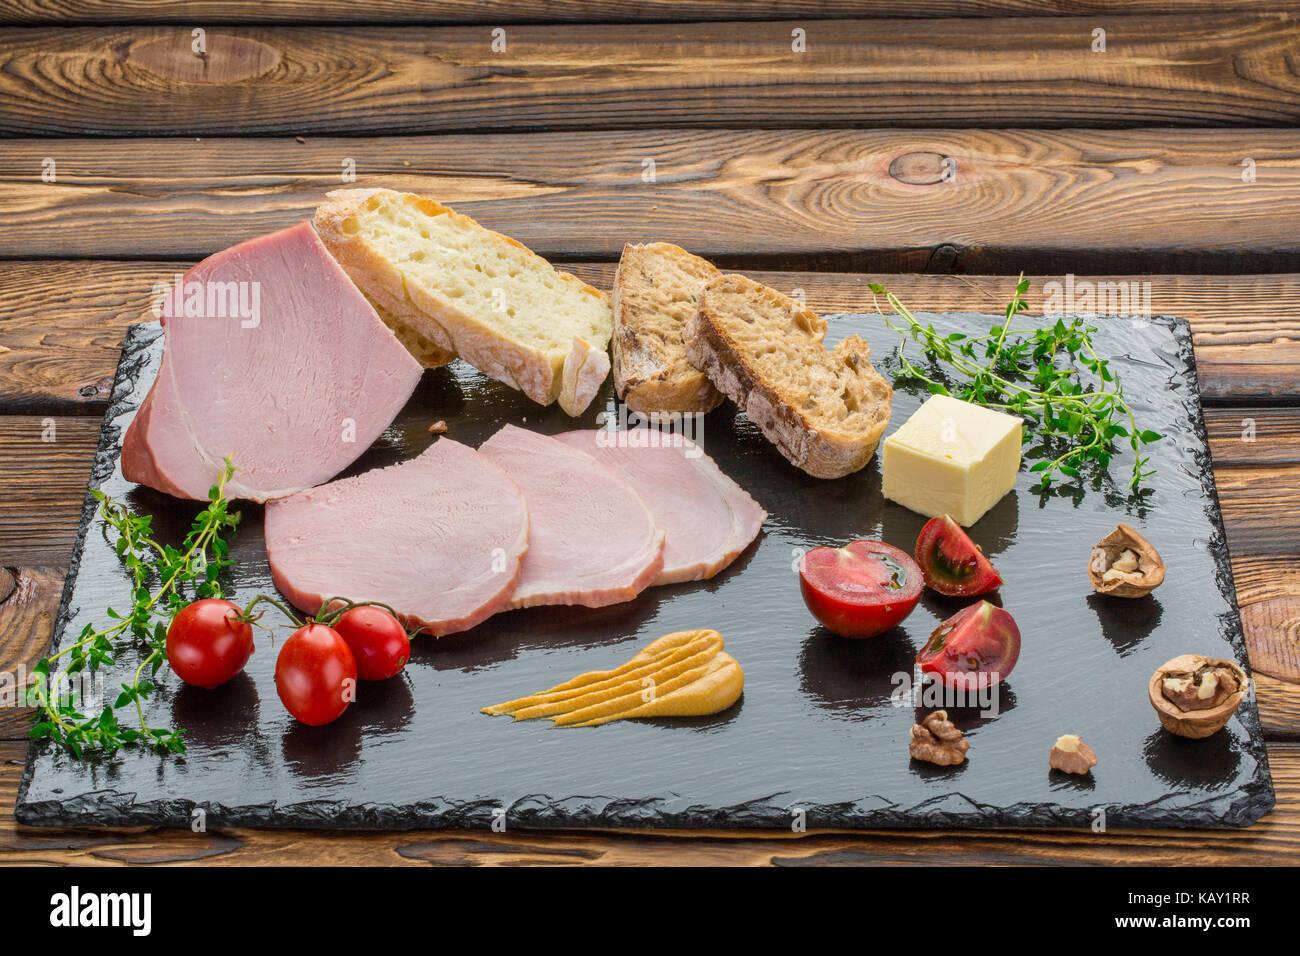 Pezzi di cold-bollite, pane, burro, pomodori, erbe, noci, la senape. Ingredienti per la prima colazione sulla pietra Foto Stock